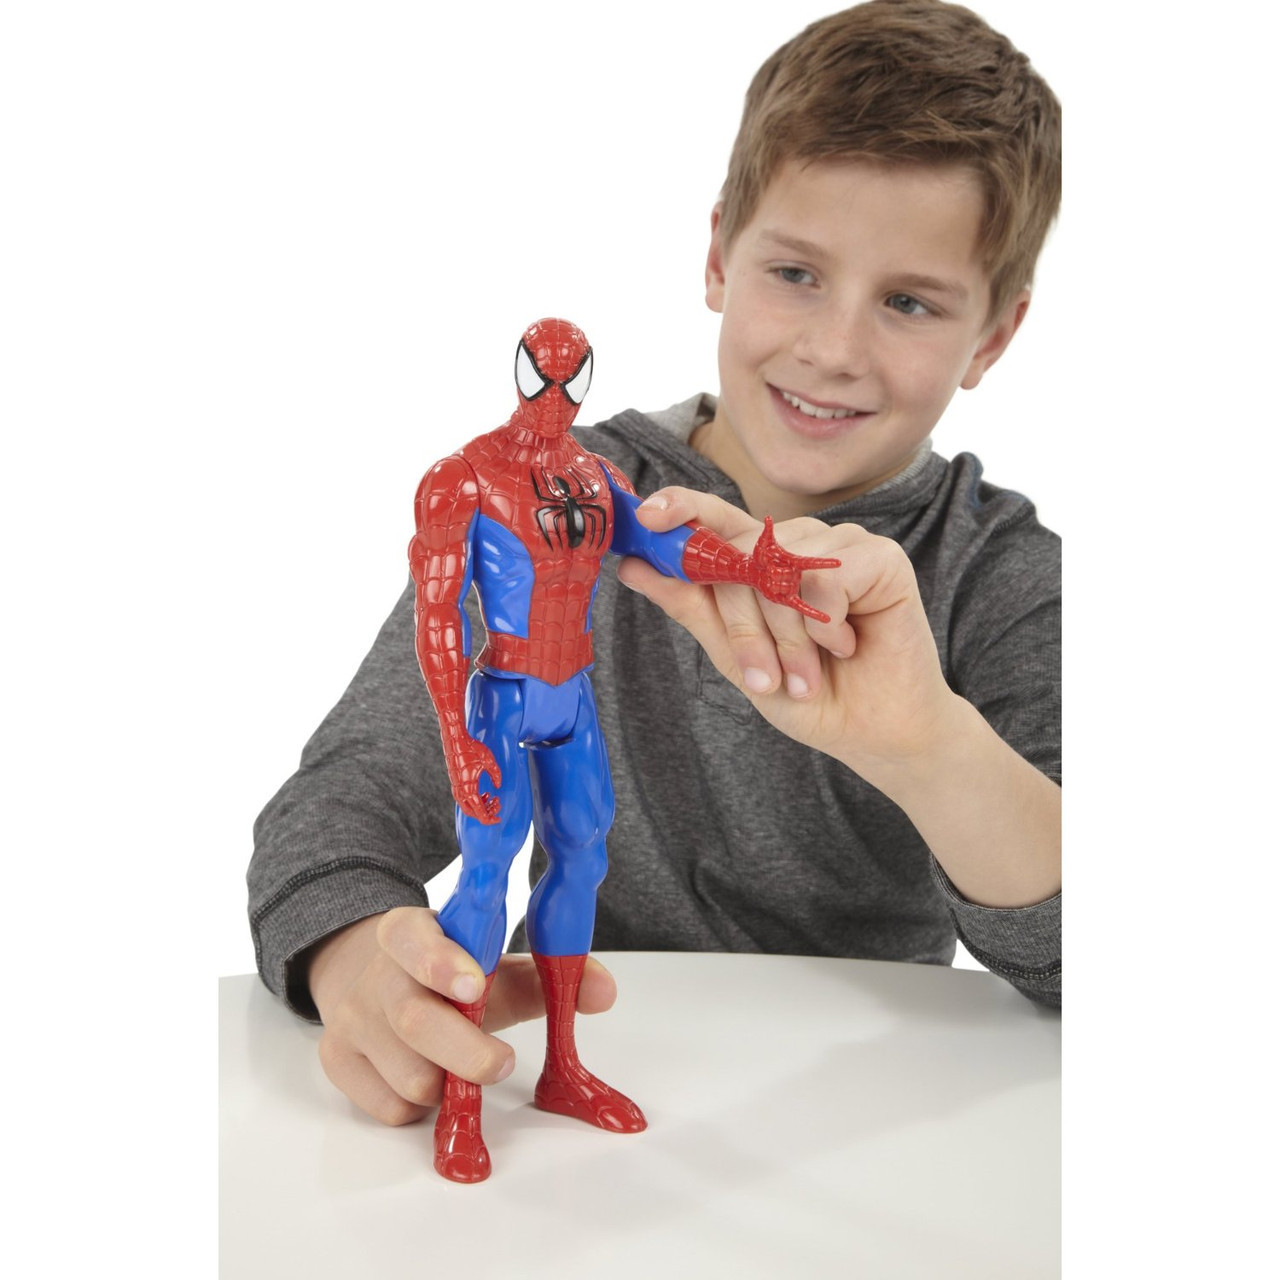 Большая игрушка Человек-Паук 30 см, серия Титаны -  Ultimate Spider-Man, Titans, Hasbro